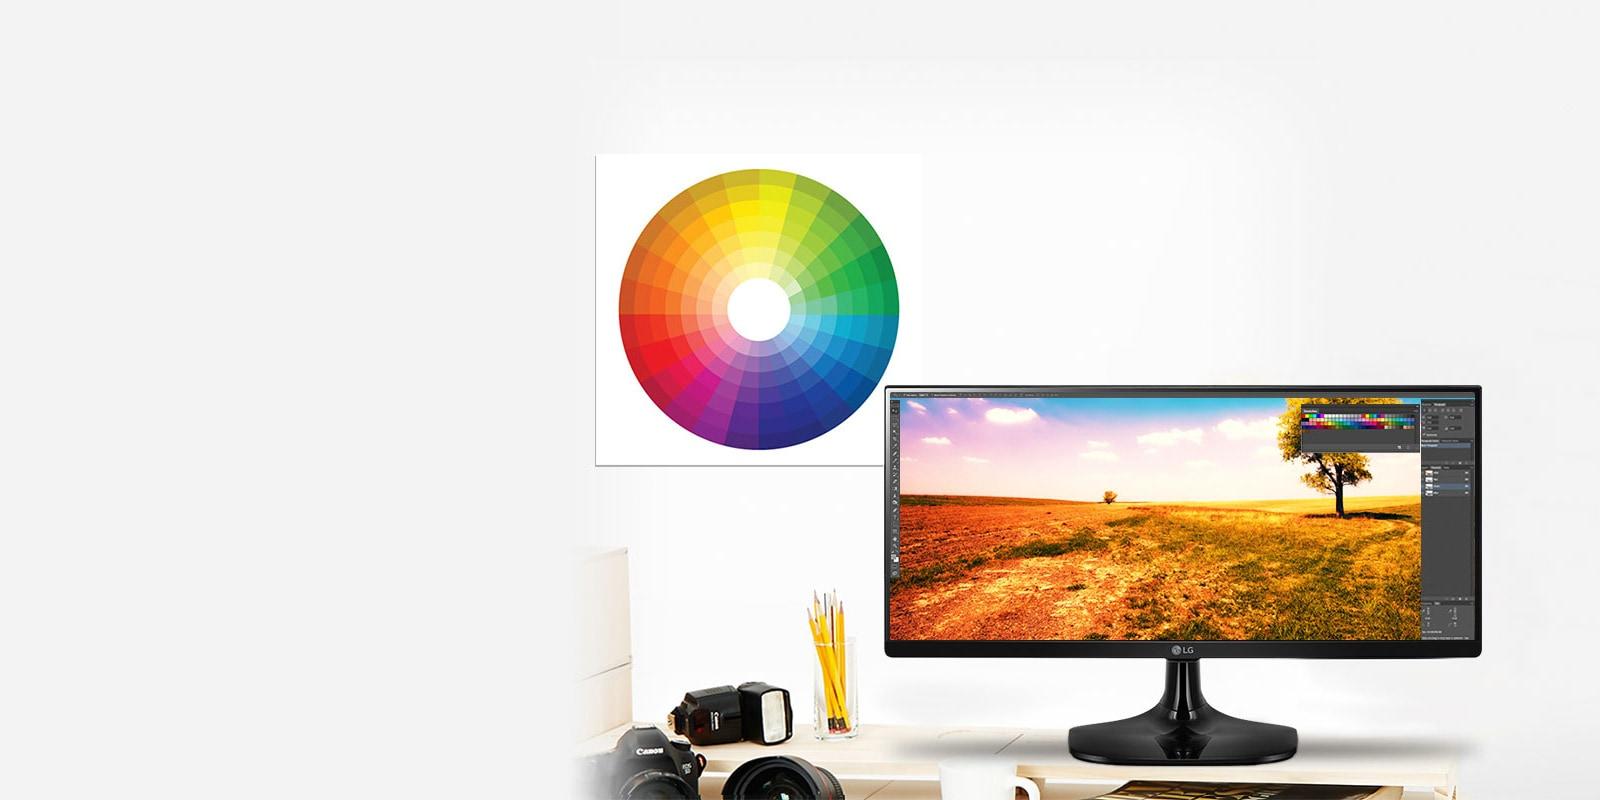 Función de color sRGB over 99%1